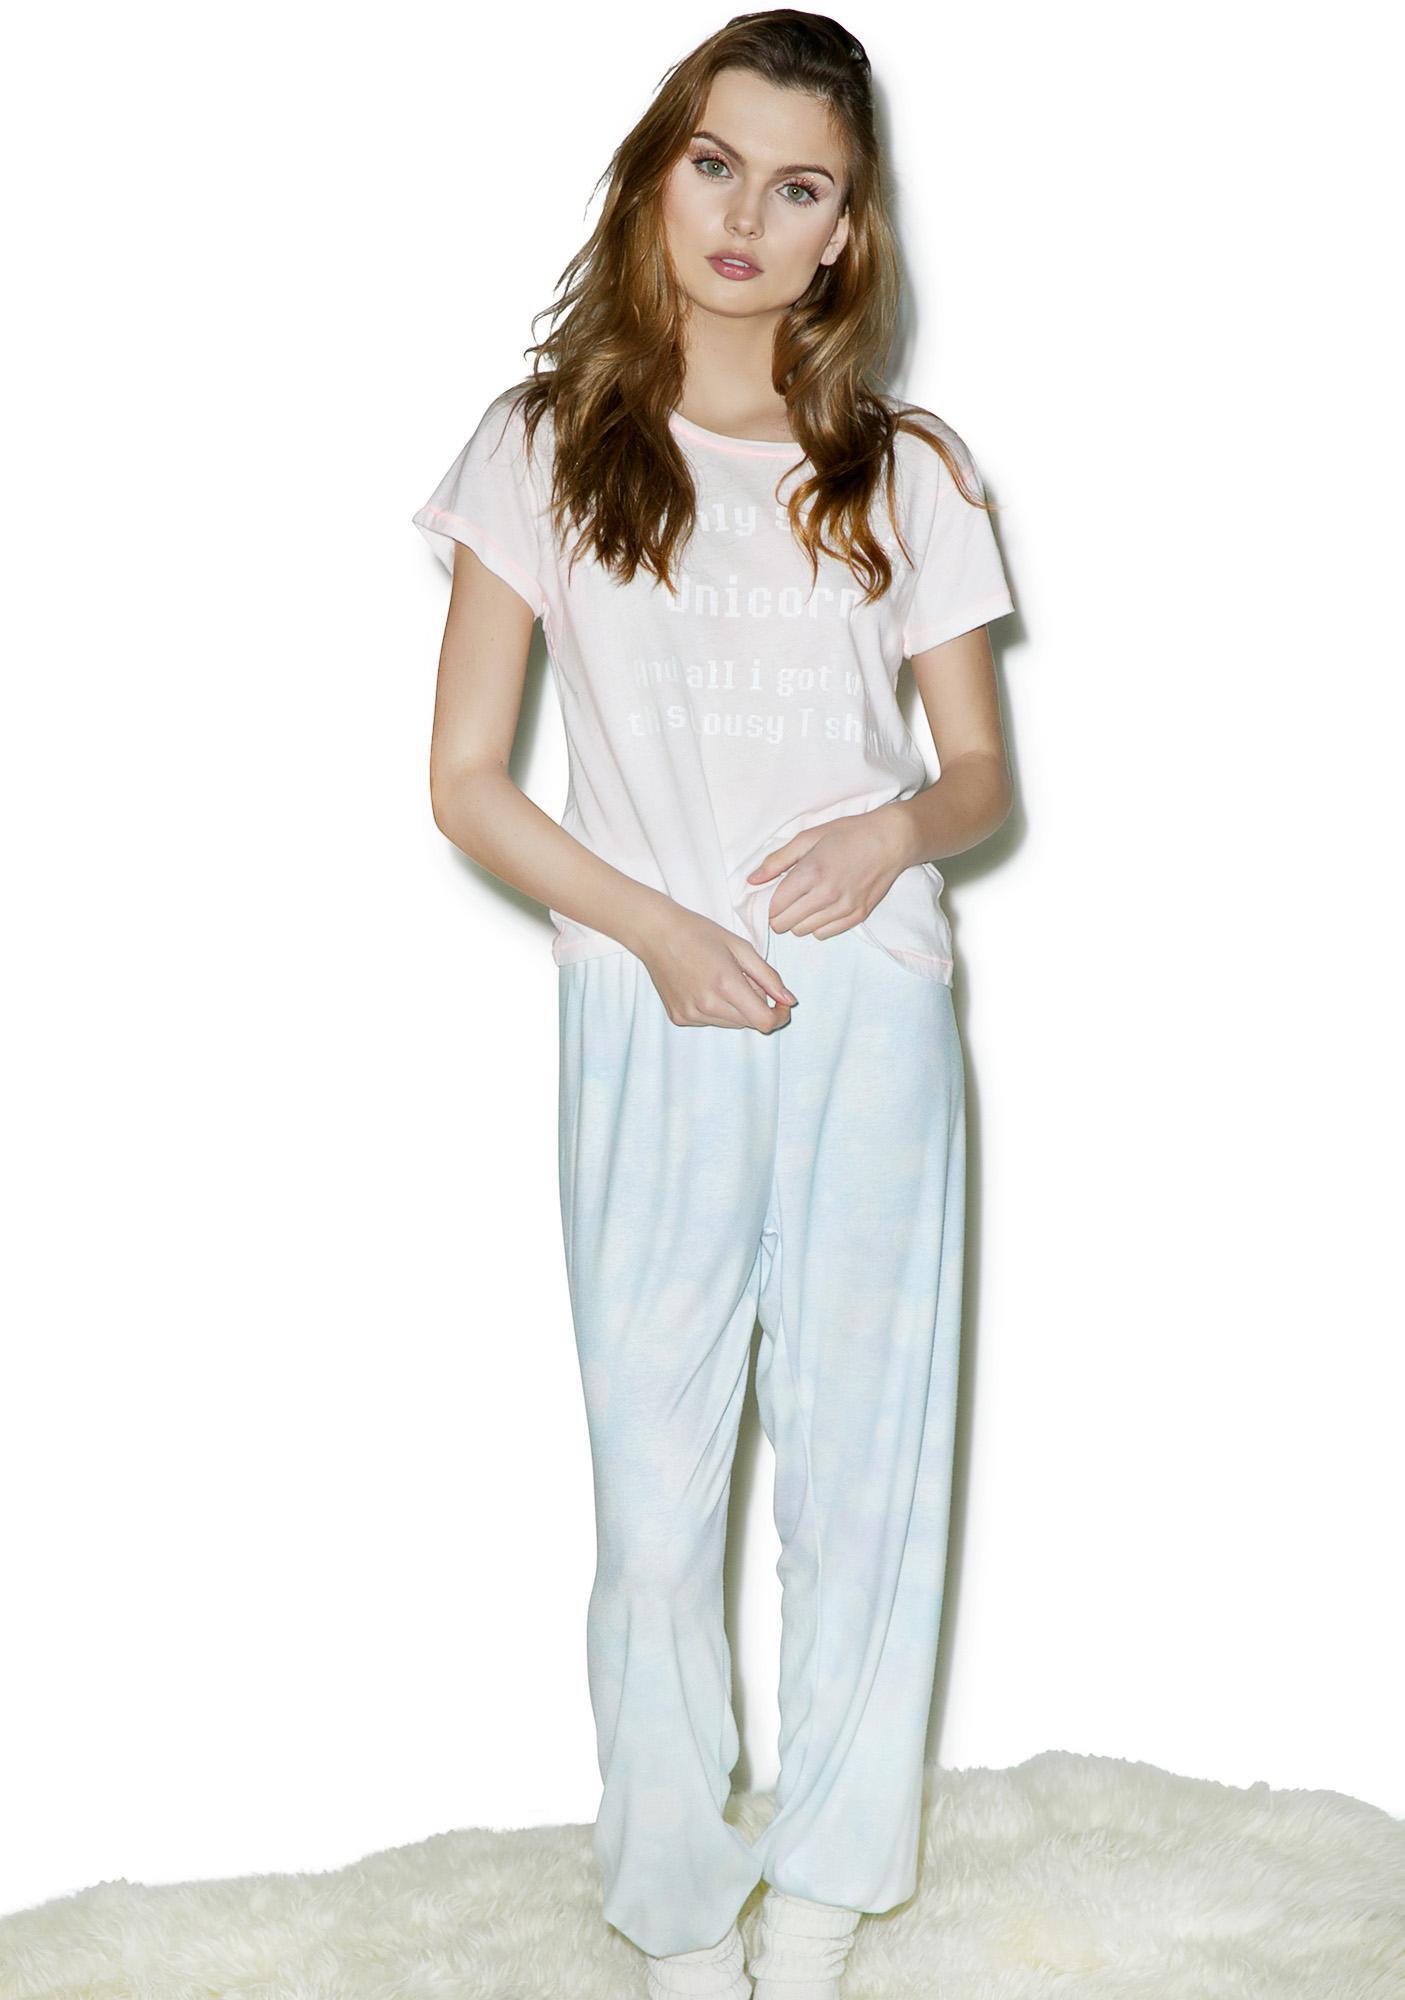 Wildfox Couture Last Unicorn Sleepover Tee